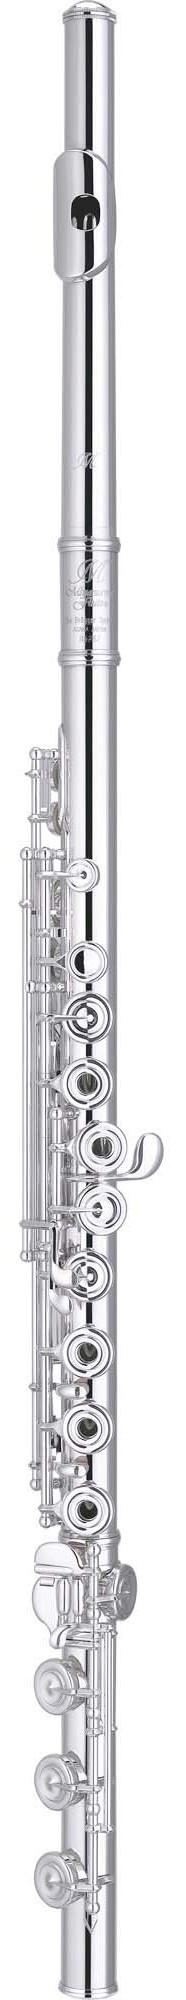 Miyazawa - PB-602 - RBEO - Holzblasinstrumente - Flöten mit E-Mechanik | MUSIK BERTRAM Deutschland Freiburg